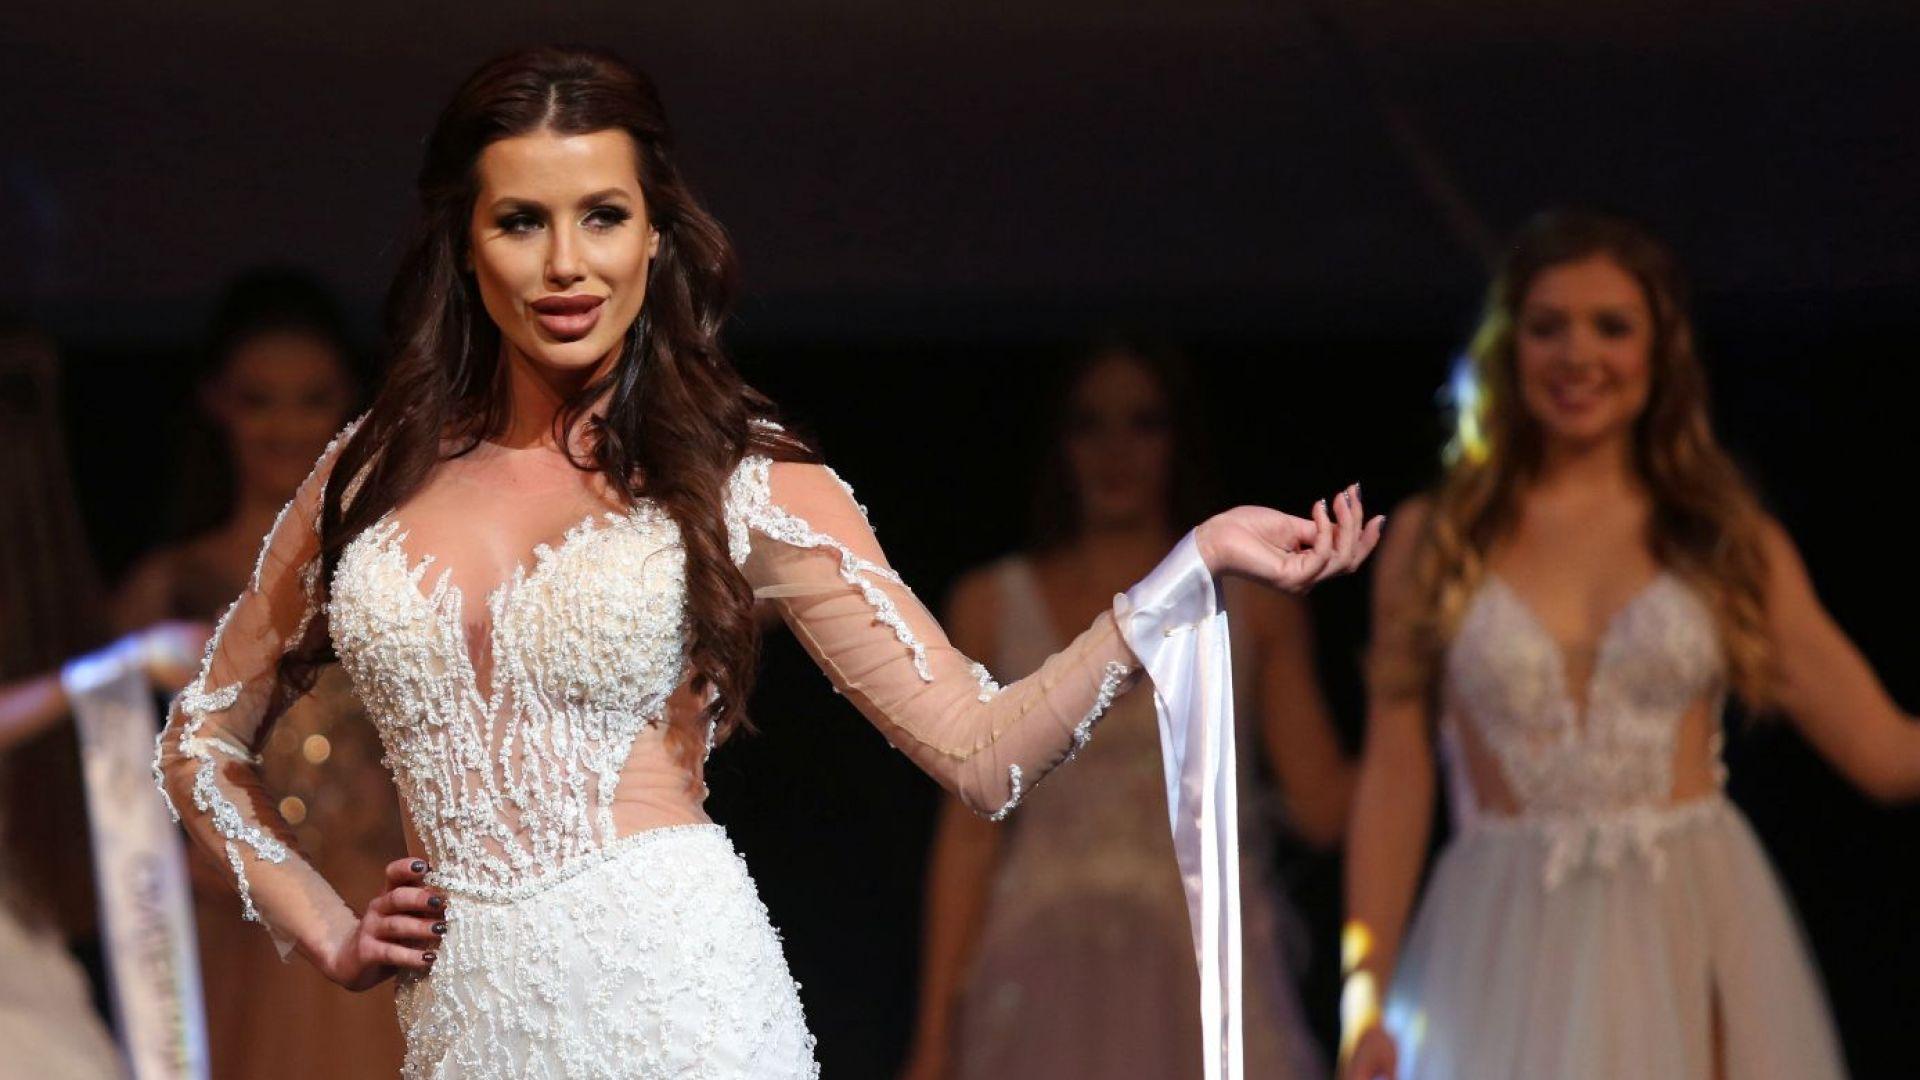 Бивша адреналинка е новата Мис България 2019